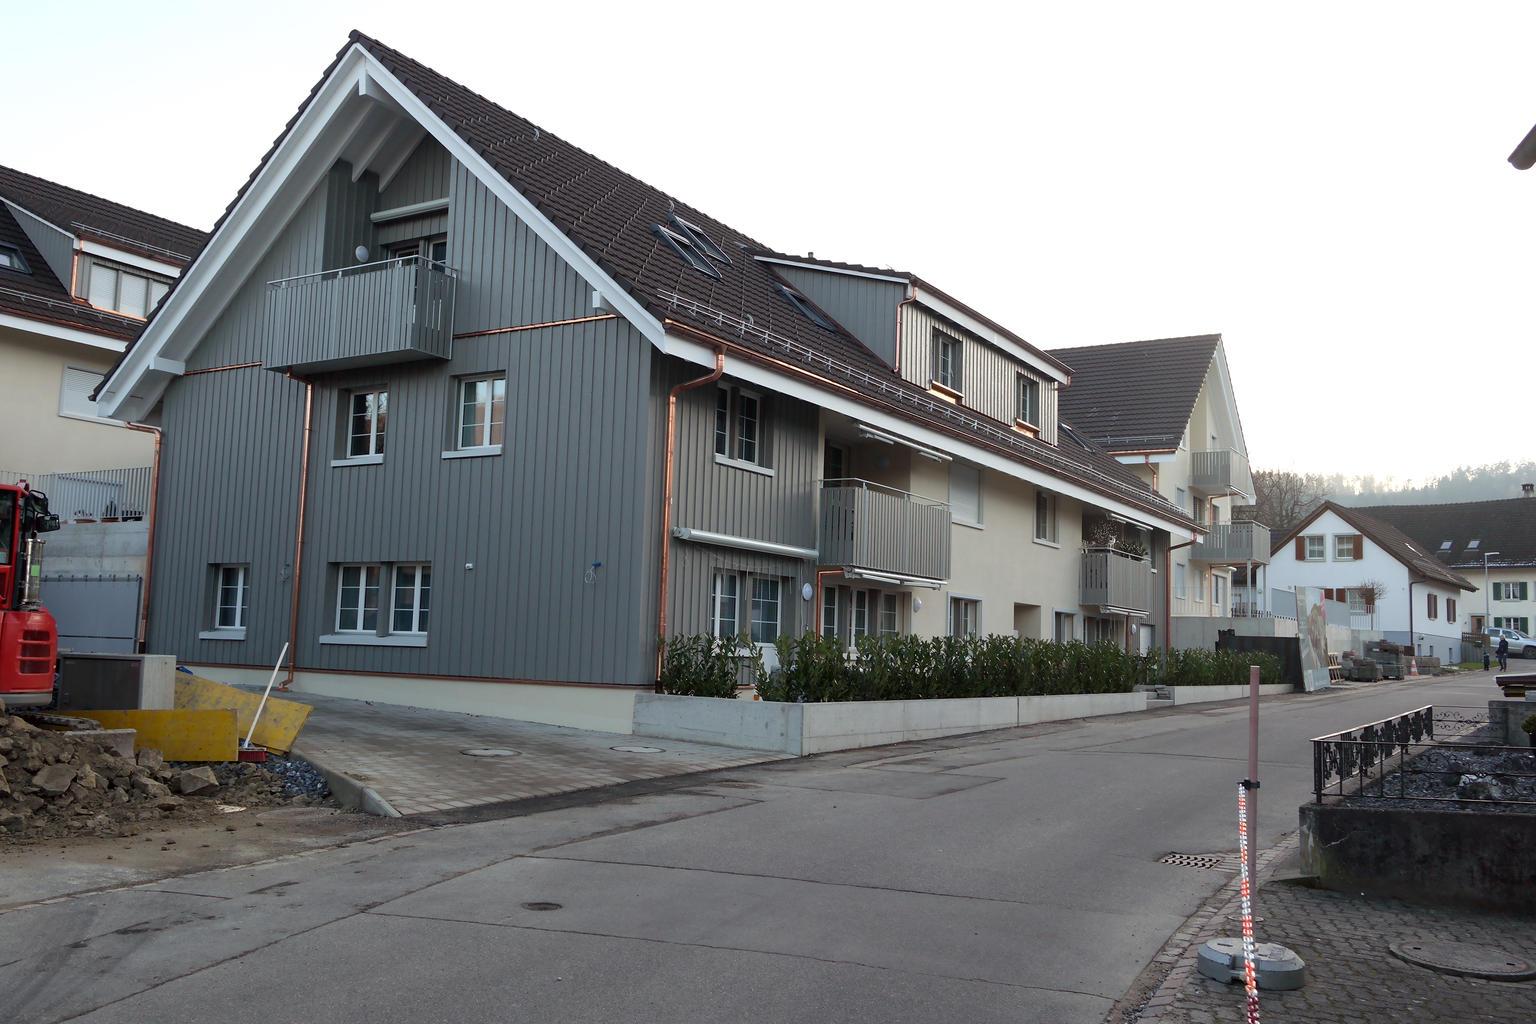 Neubau Weiach aussen 2019